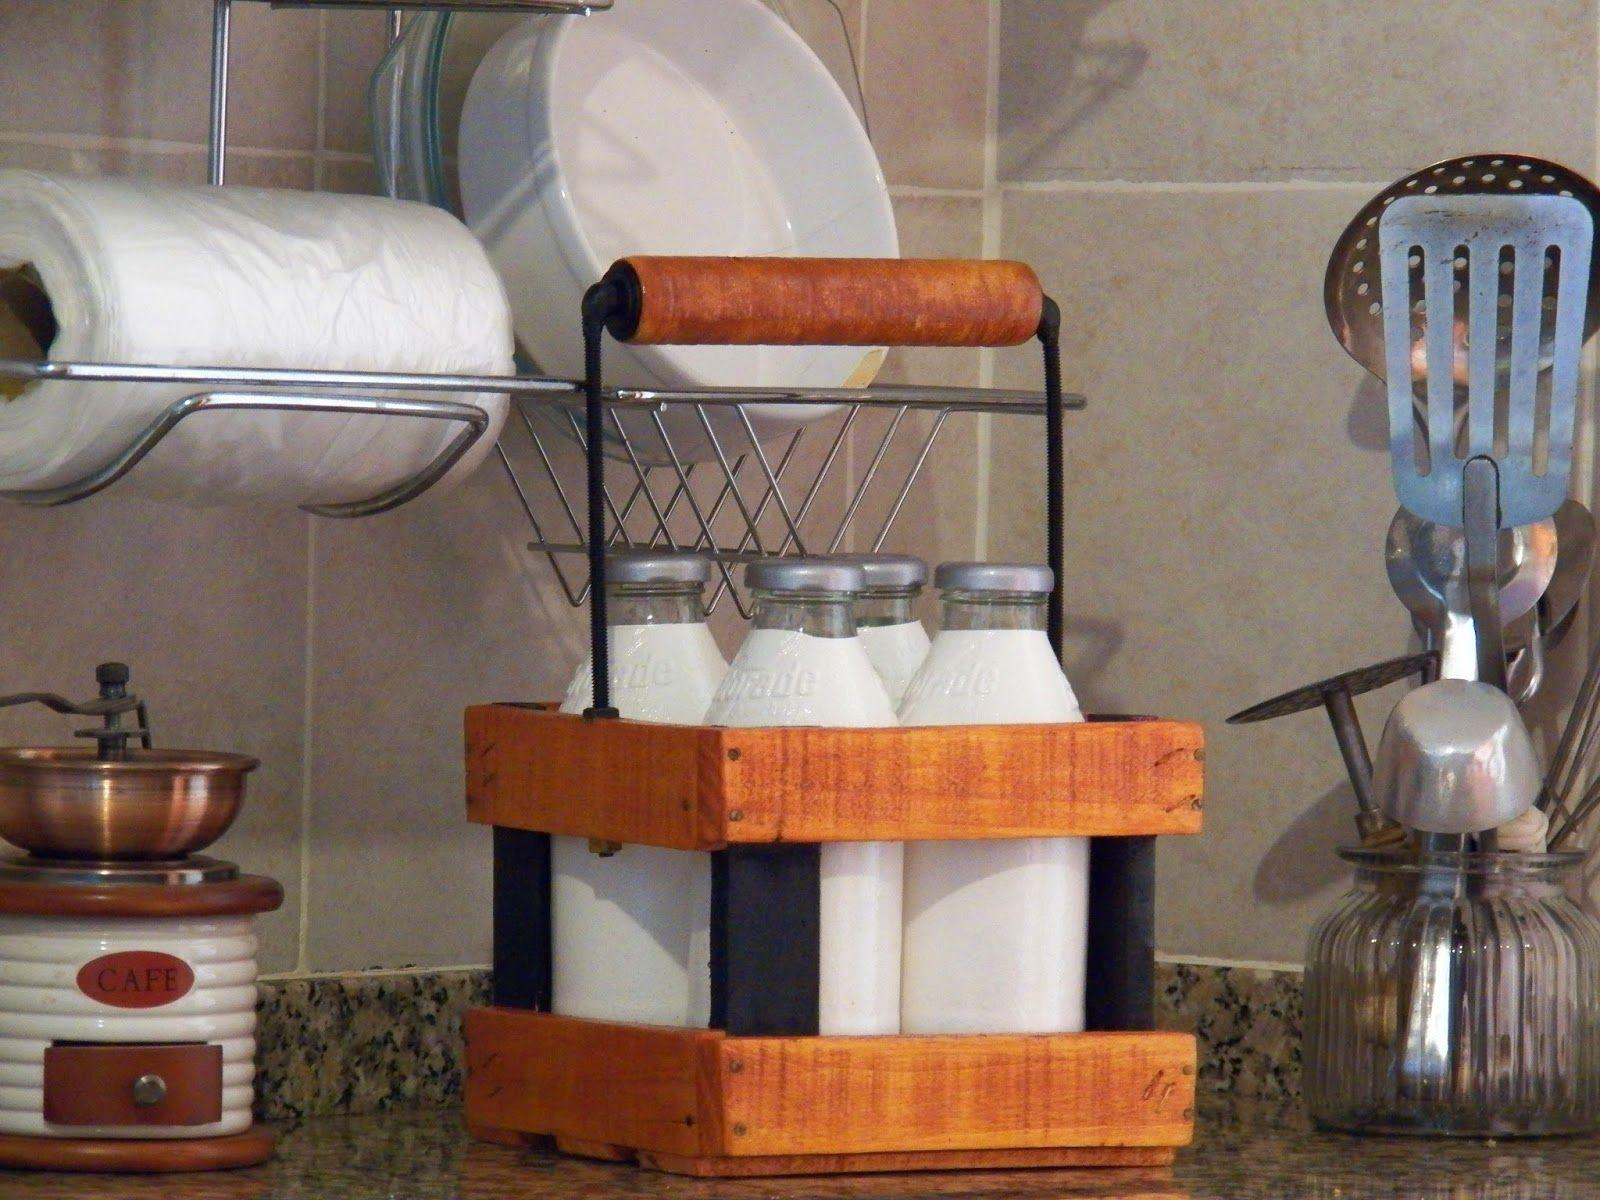 Haciendo Manualidades Reciclado De Botellas Y Caj N De Madera  ~ Manualidades De Madera Reciclada